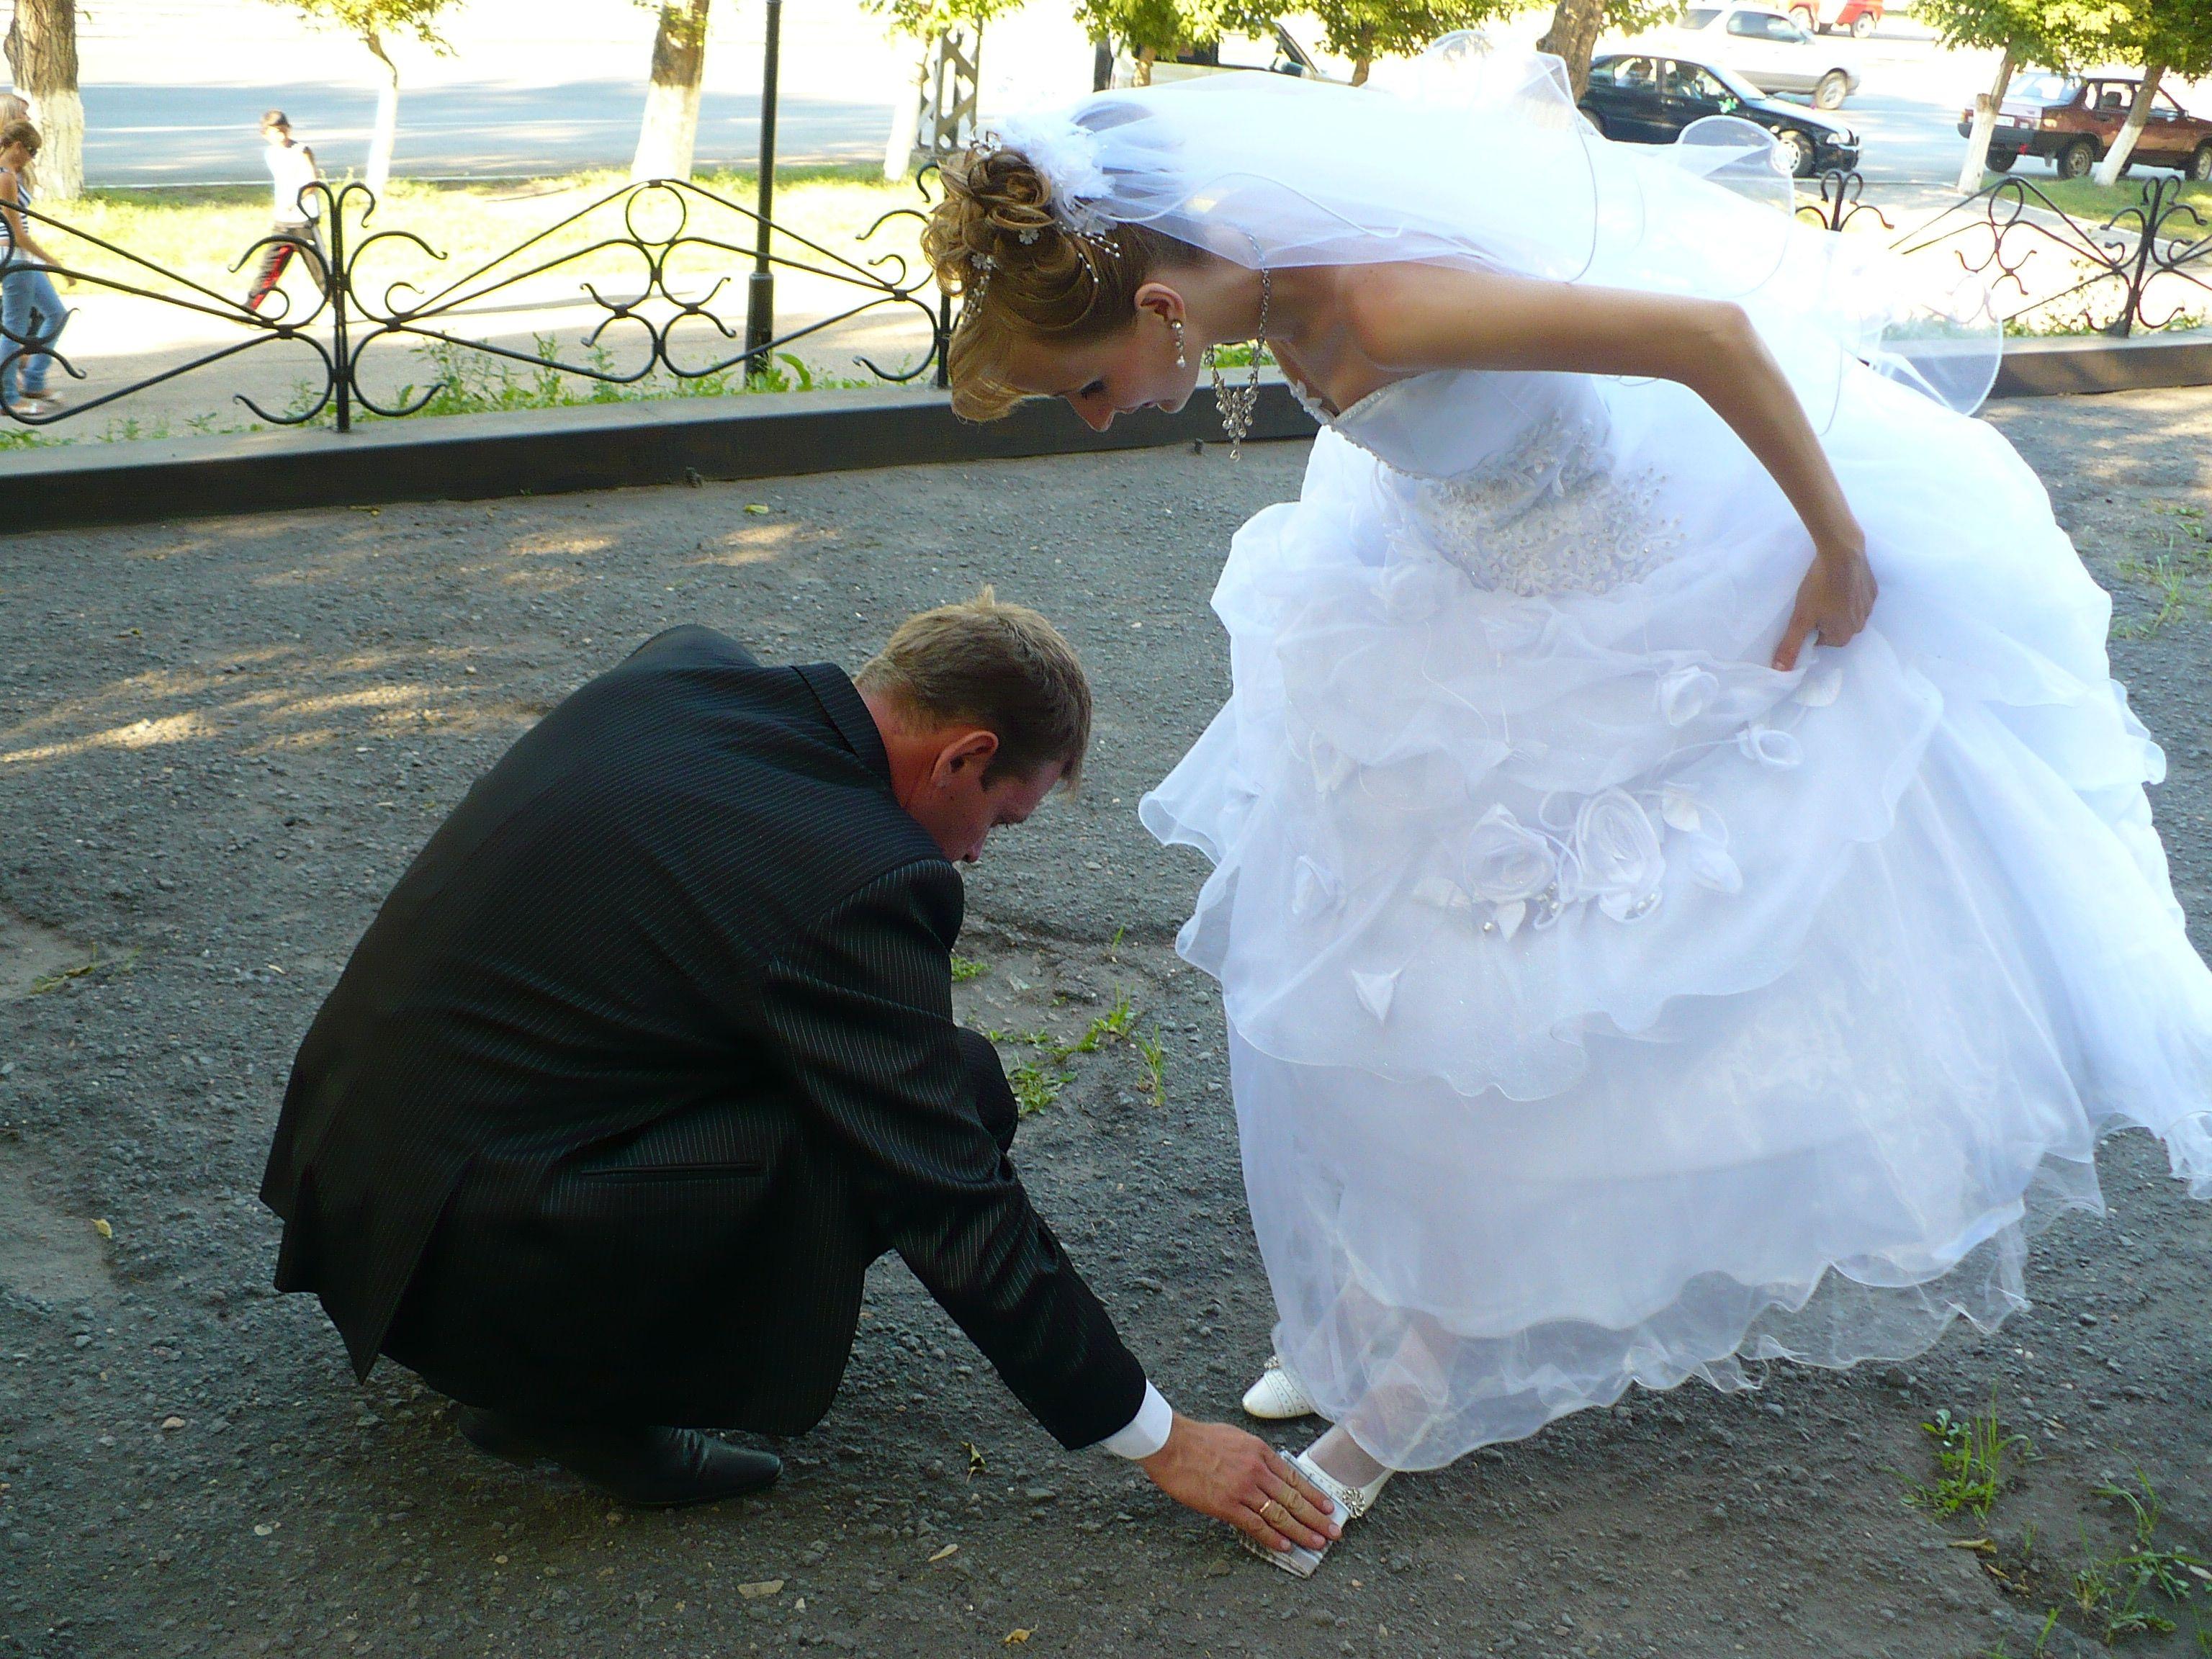 ней ах эта свадьба в картинках выделить существенные минусы